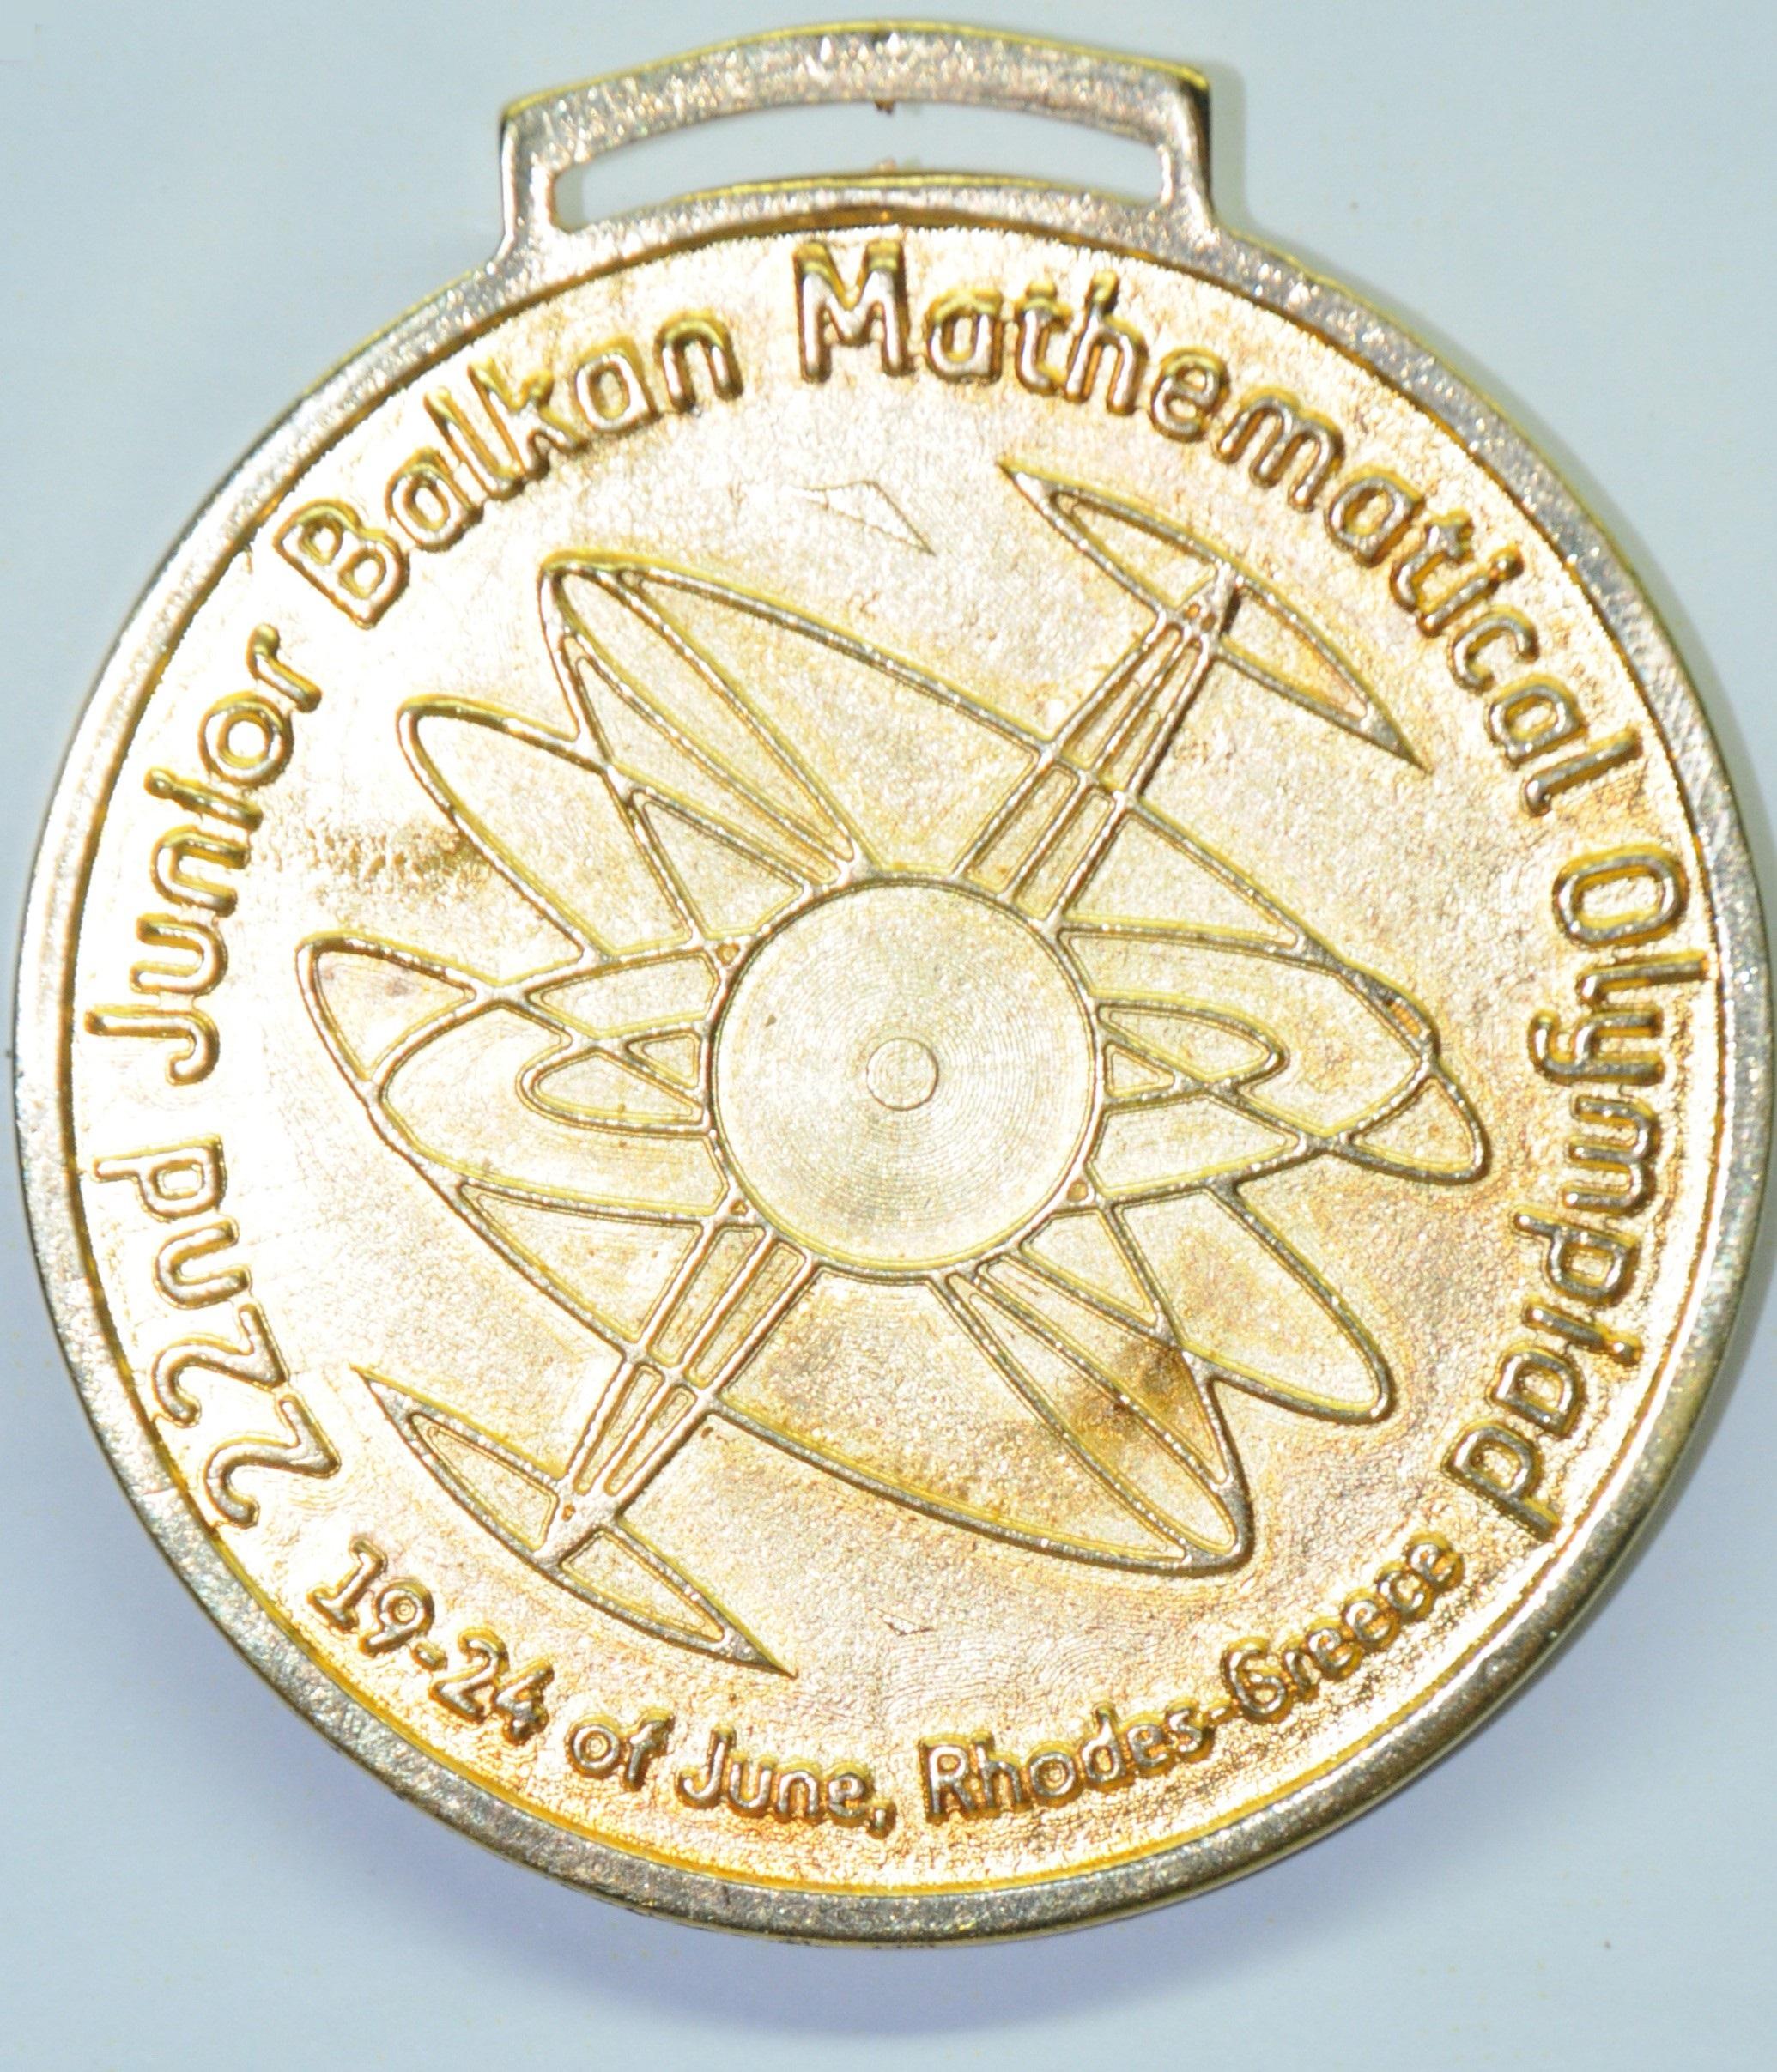 Χρυσό Μετάλλιο Βαλκανικής Μαθηματικής Ολυμπιάδας